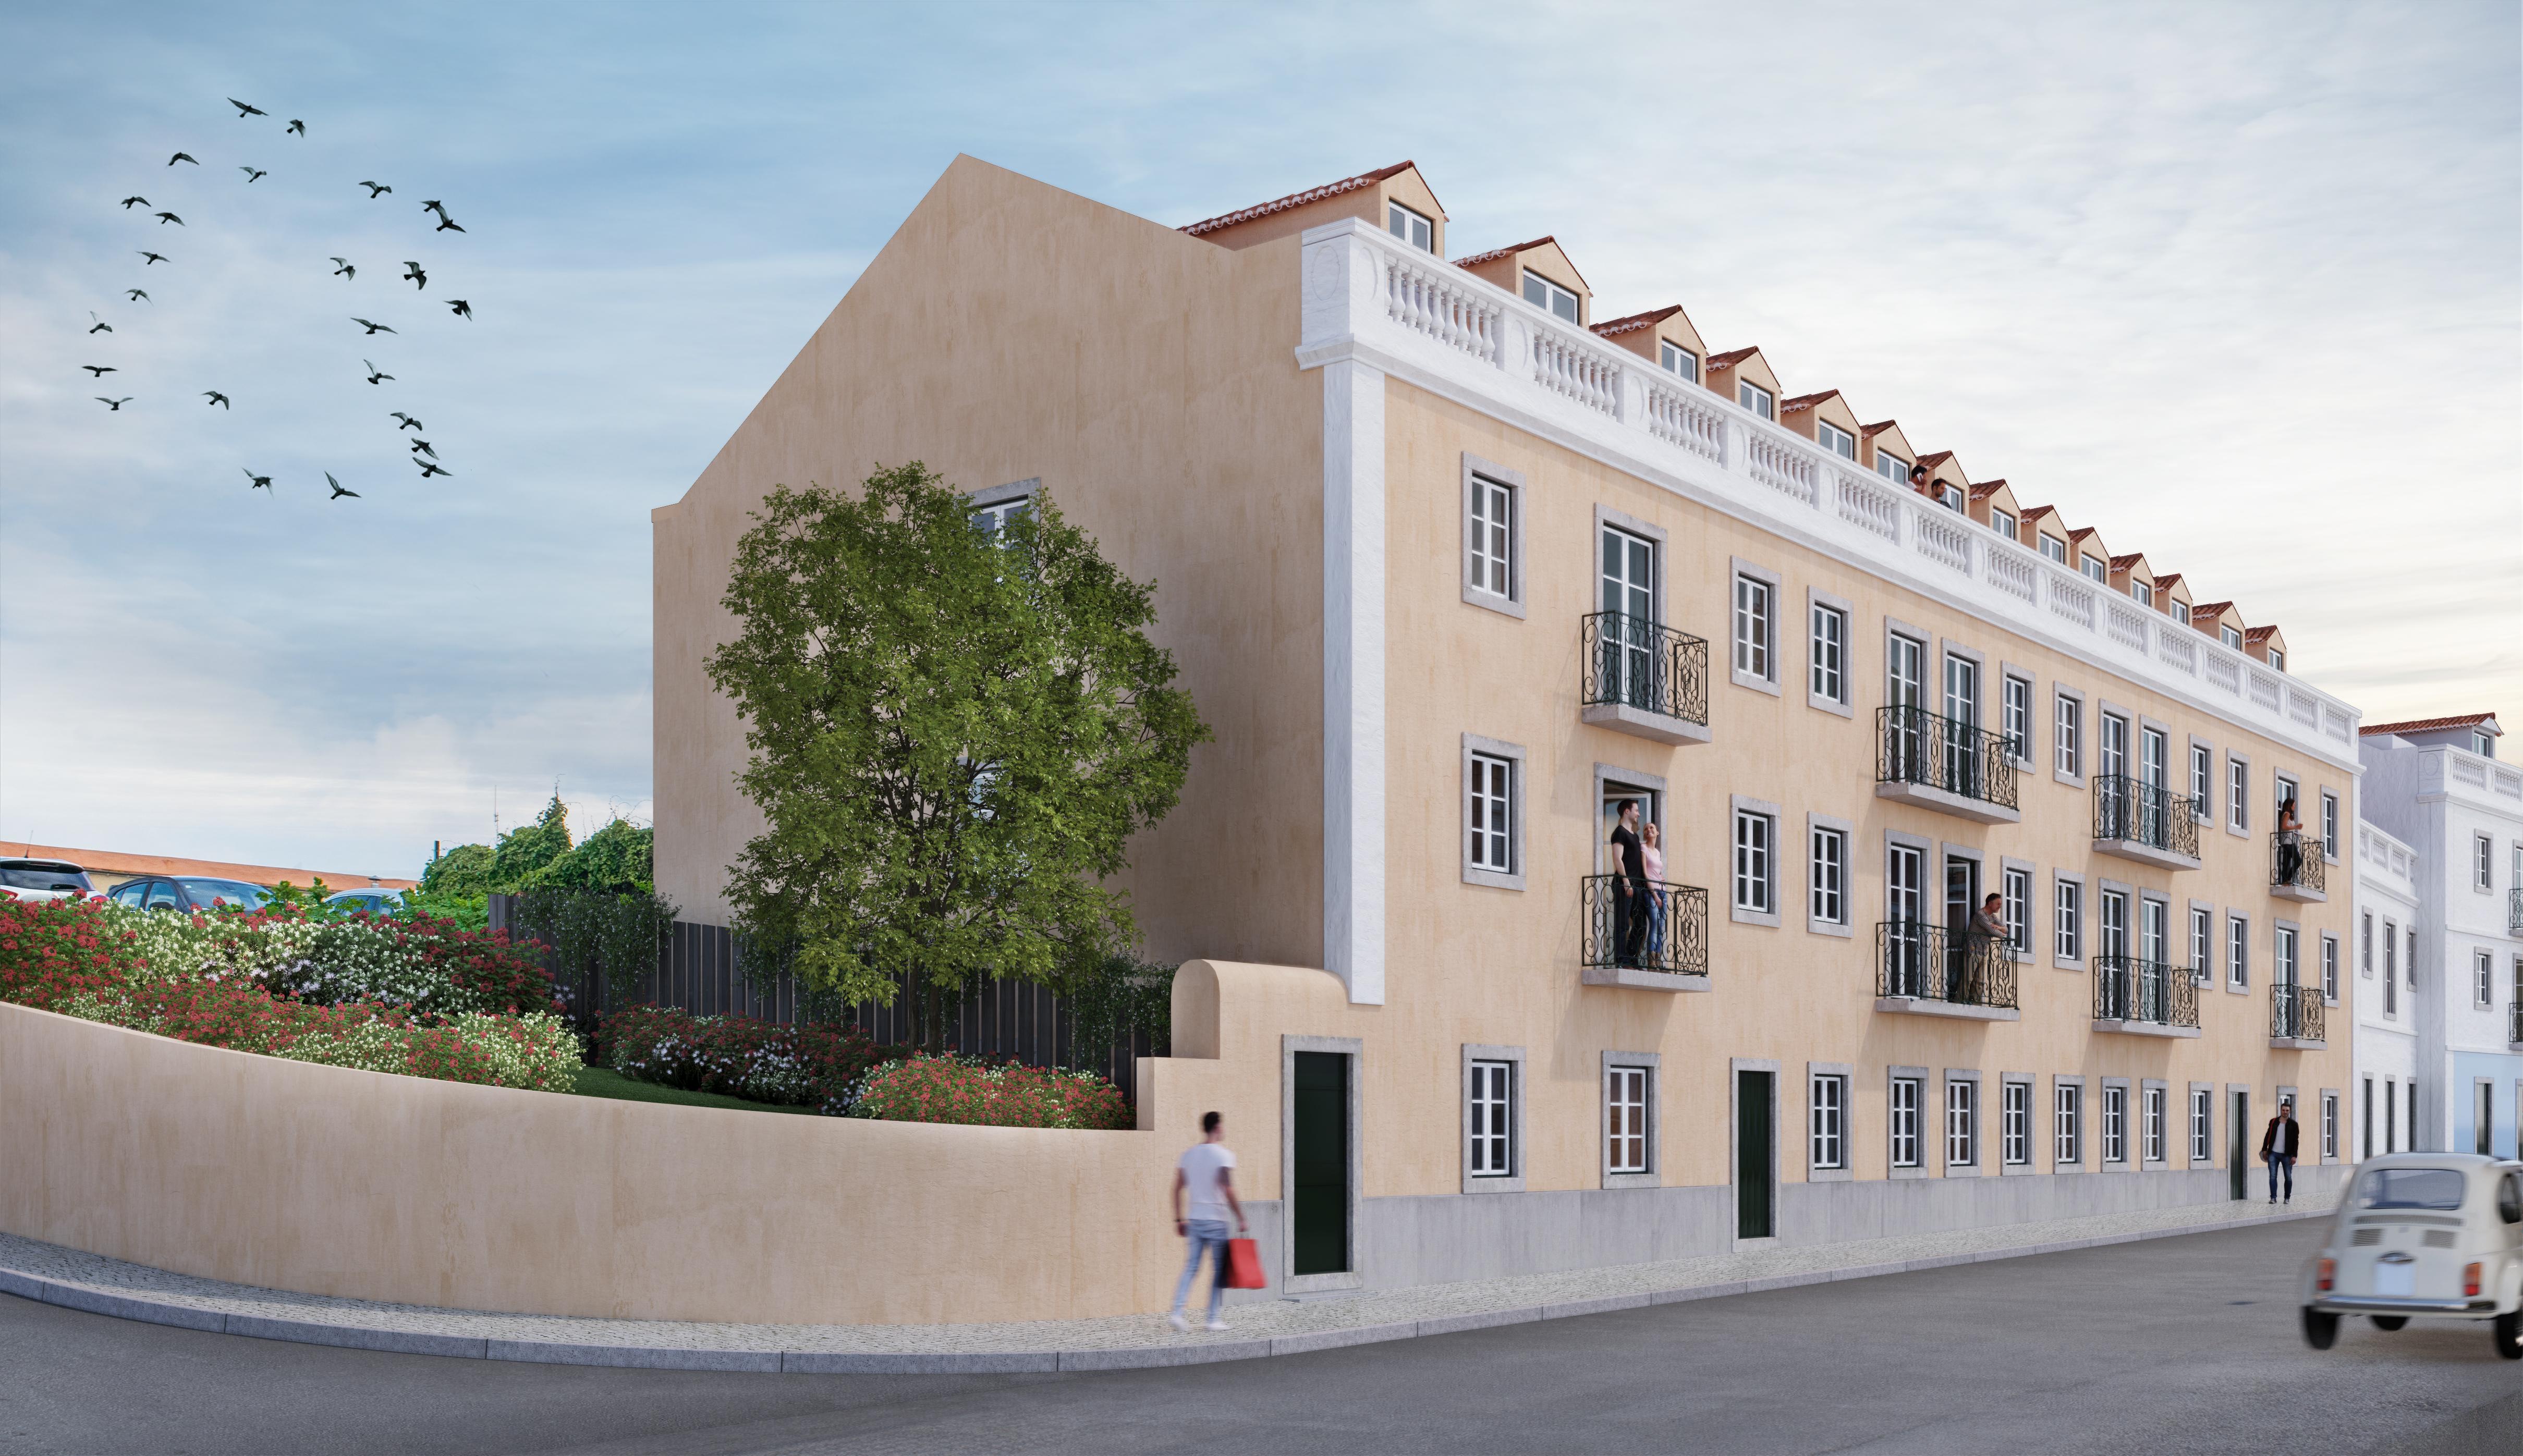 Colline é o novo projeto residencial em Campo de Ourique